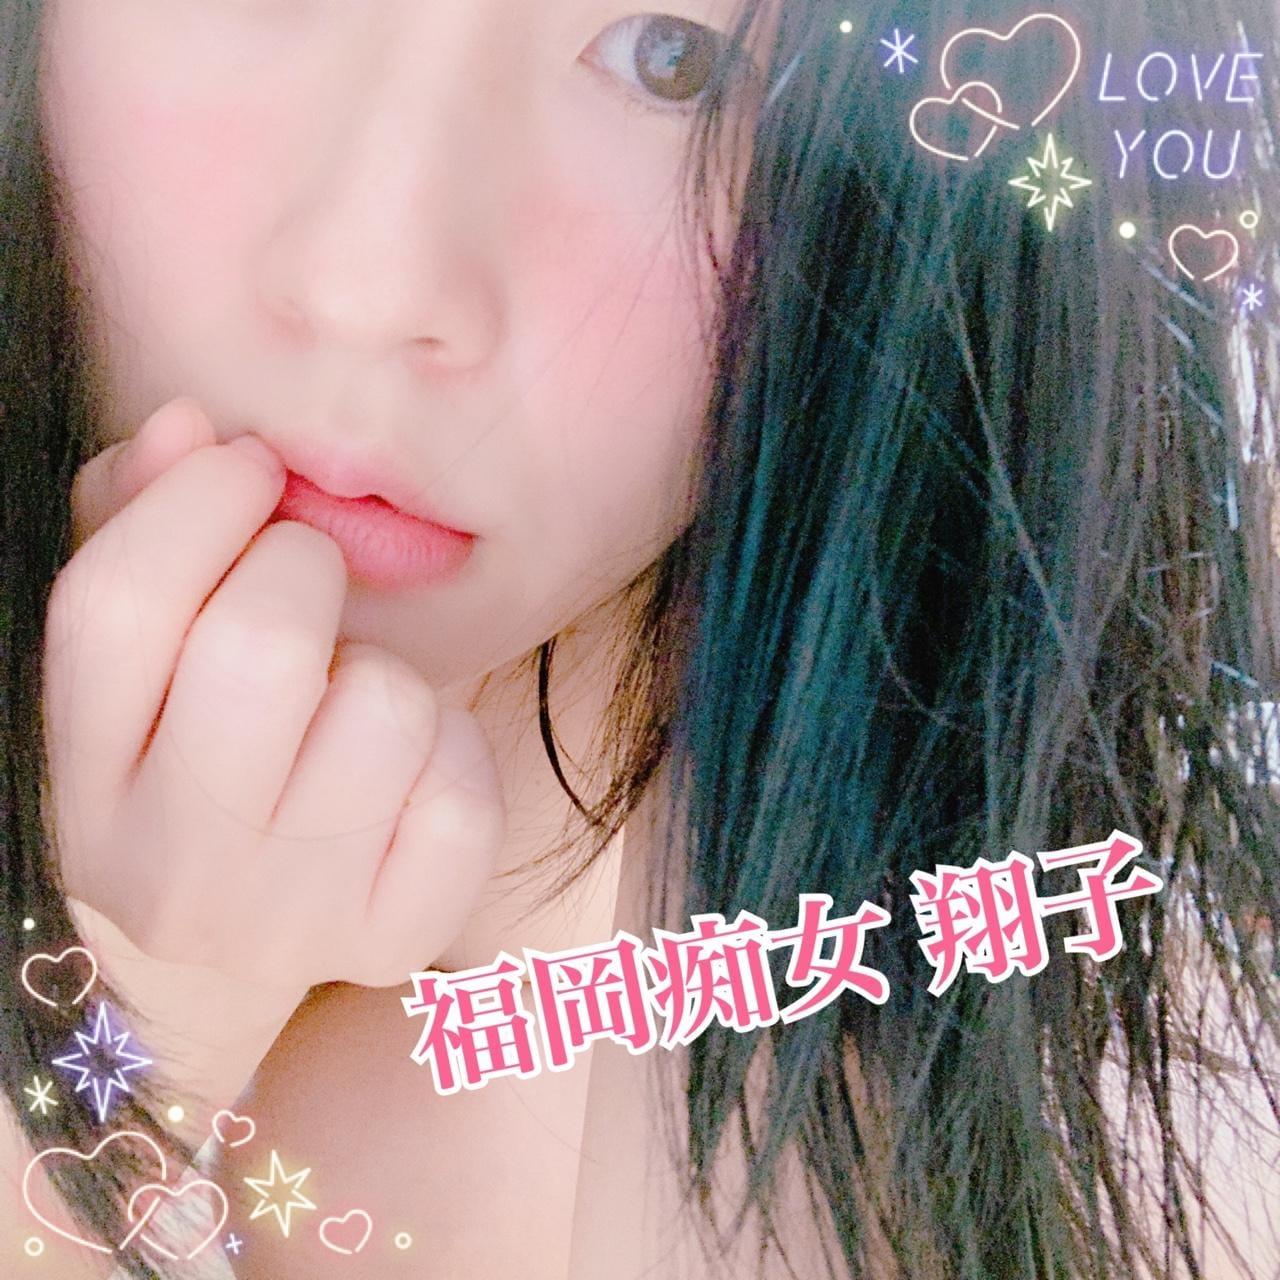 「内緒?」09/15(火) 08:28 | 翔子の写メ・風俗動画